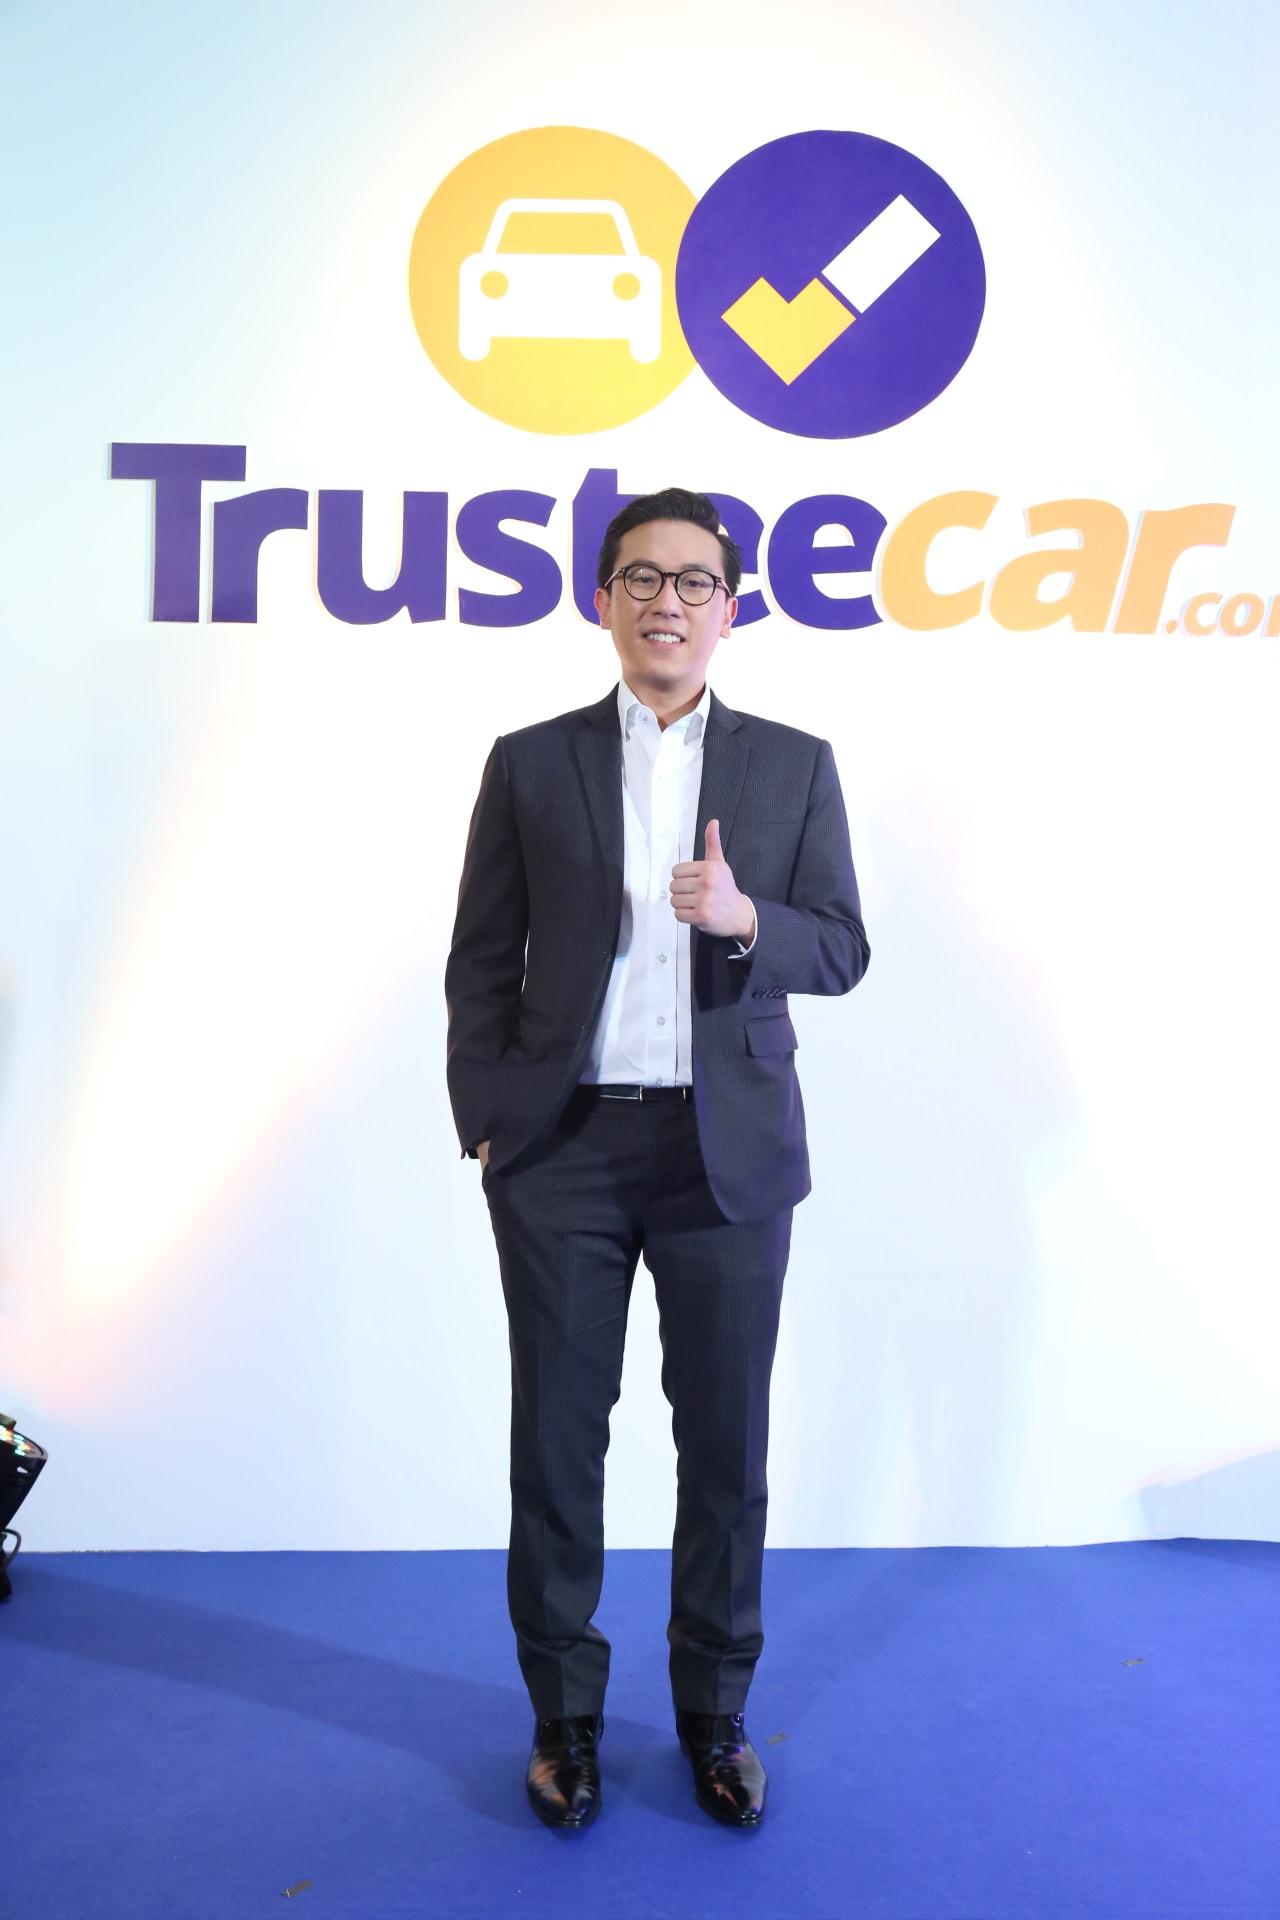 Trusteecar13.